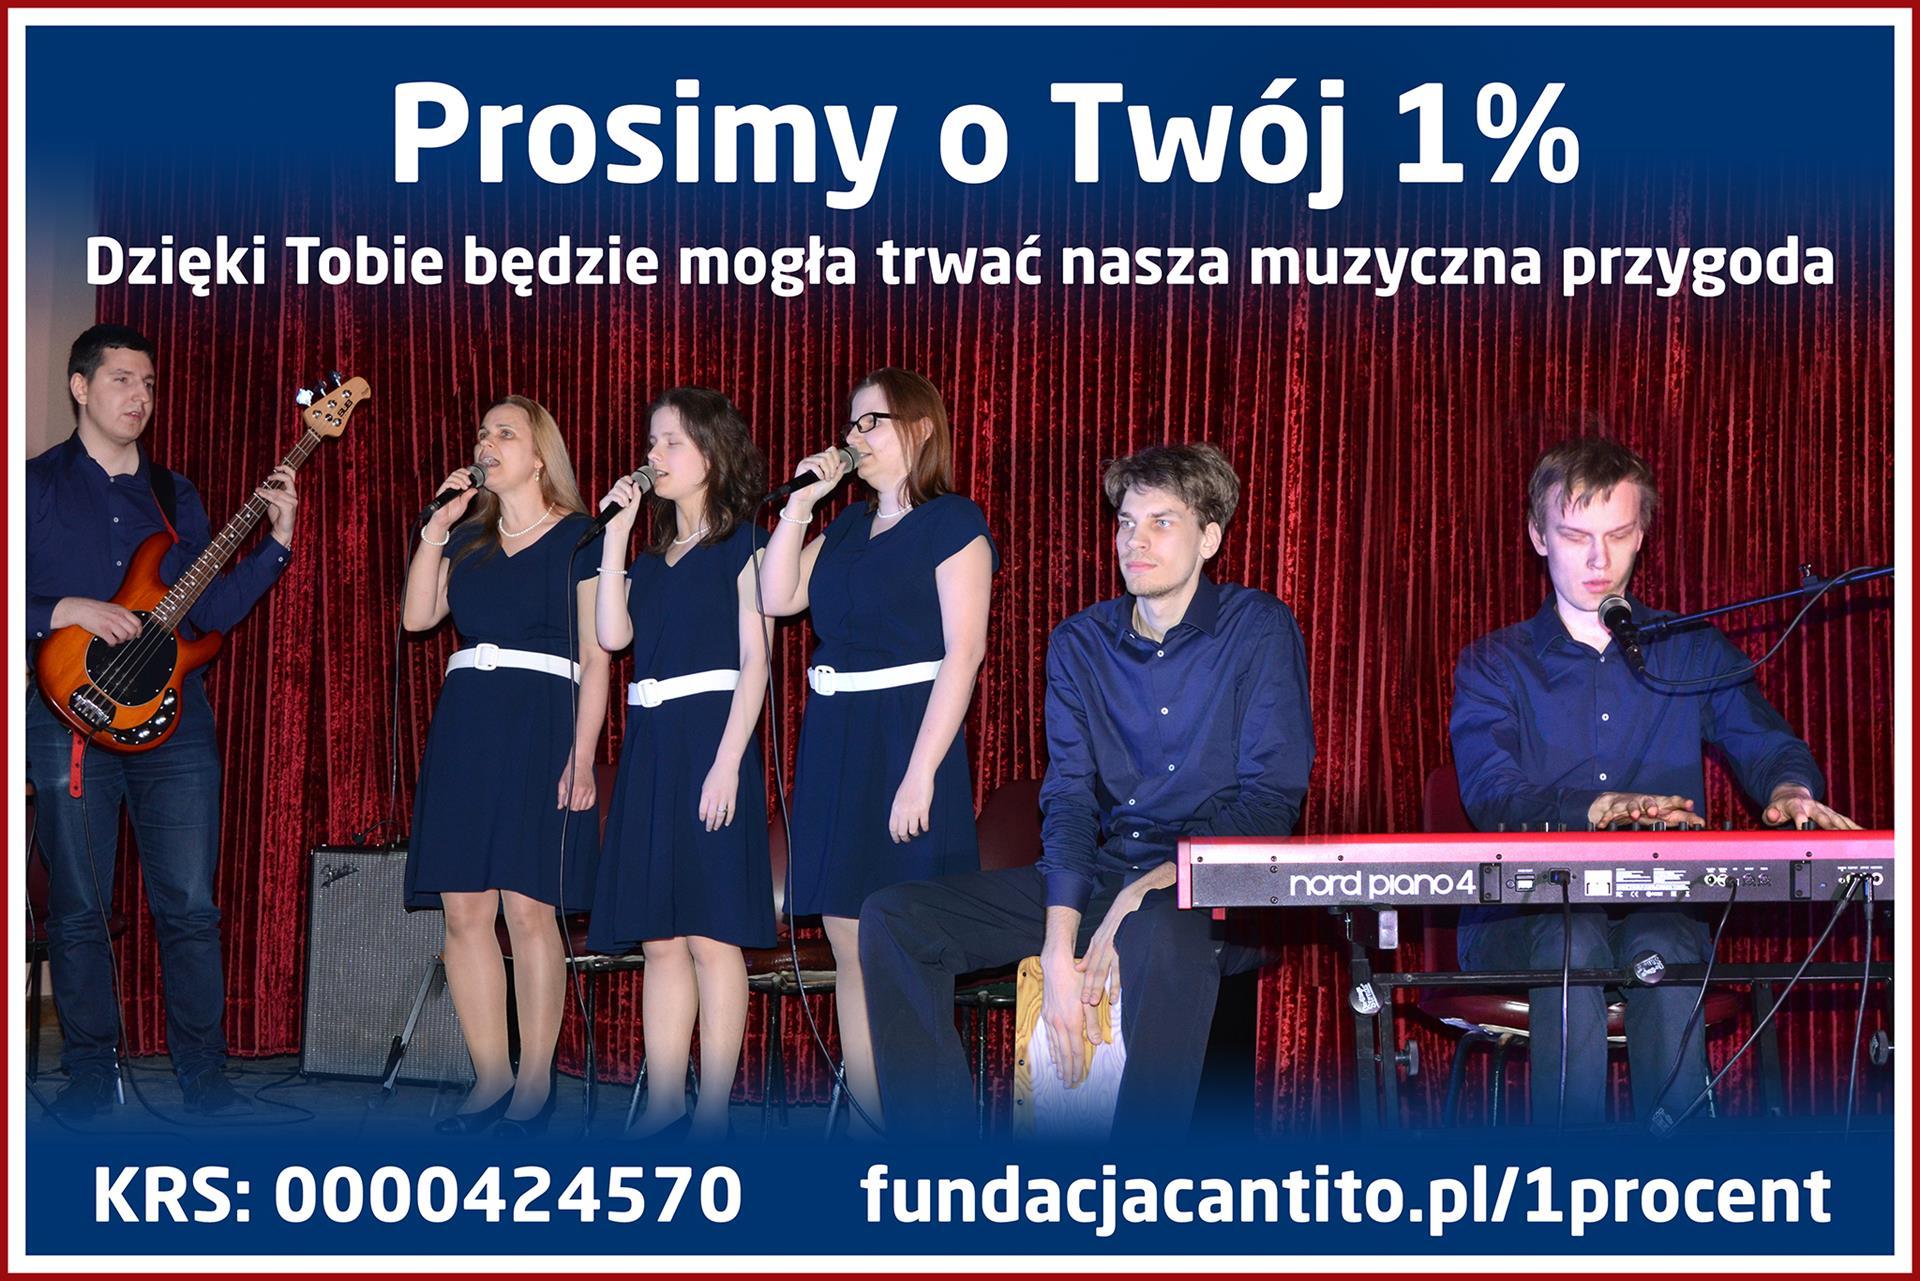 Zdjęcie z koncertu. Na scenie 3 kobiety i 3 mężczyzn. Kobiety śpiewają, a mężczyźni grają na instrumentach: Pianino elektryczne, cajon i gitara basowa. Na górze zdjęcia napis: Prosimy o Twój 1% Dzięki Tobie będzie mogła trwać nasza muzyczna przygoda. Na dole: KRS: 0000424570 fundacjacantito.pl/1procent